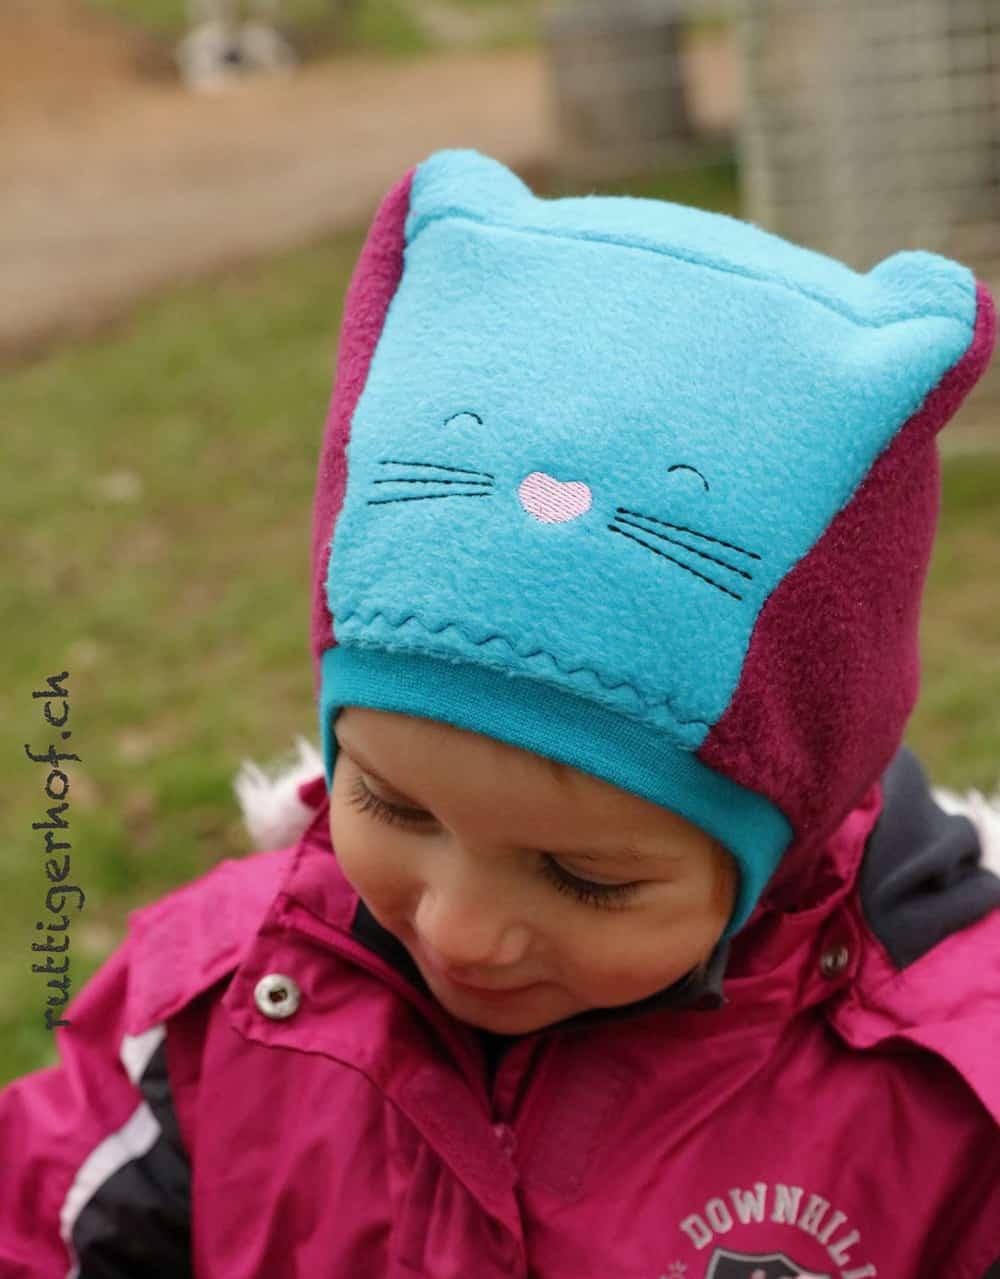 Katzenohrenmütze: Schalmütze mit Katzenohren und aufgesticktem Gesicht. Schalmütze selber nähen